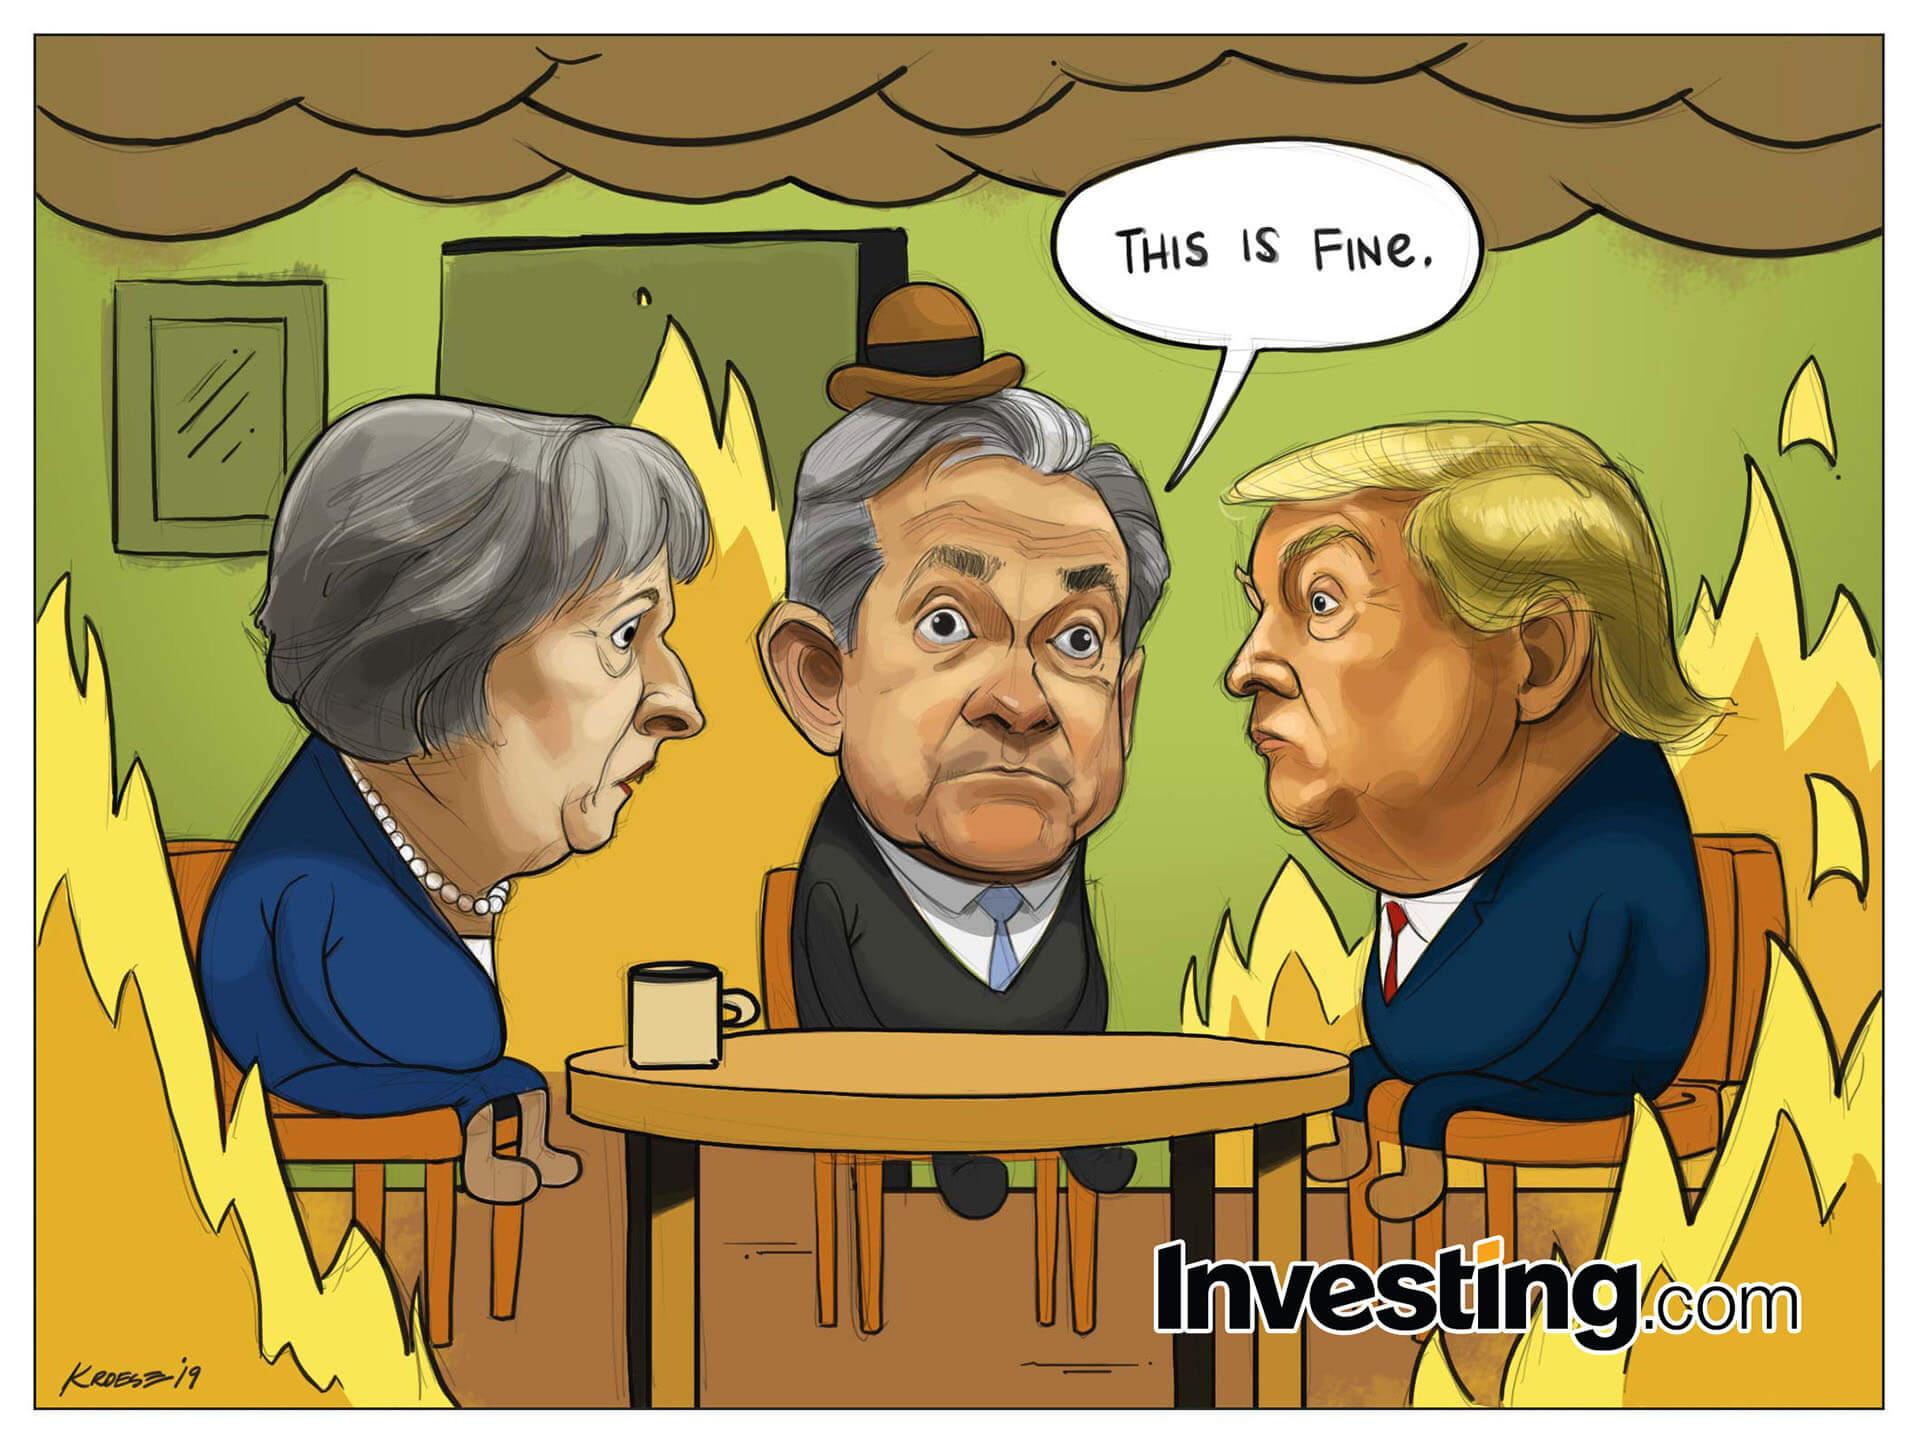 Küresel Piyasalar, ABD Hükümetinin Kapanması ve Brexit Olaylarından Etkilenmemiş Gibi Görünüyor